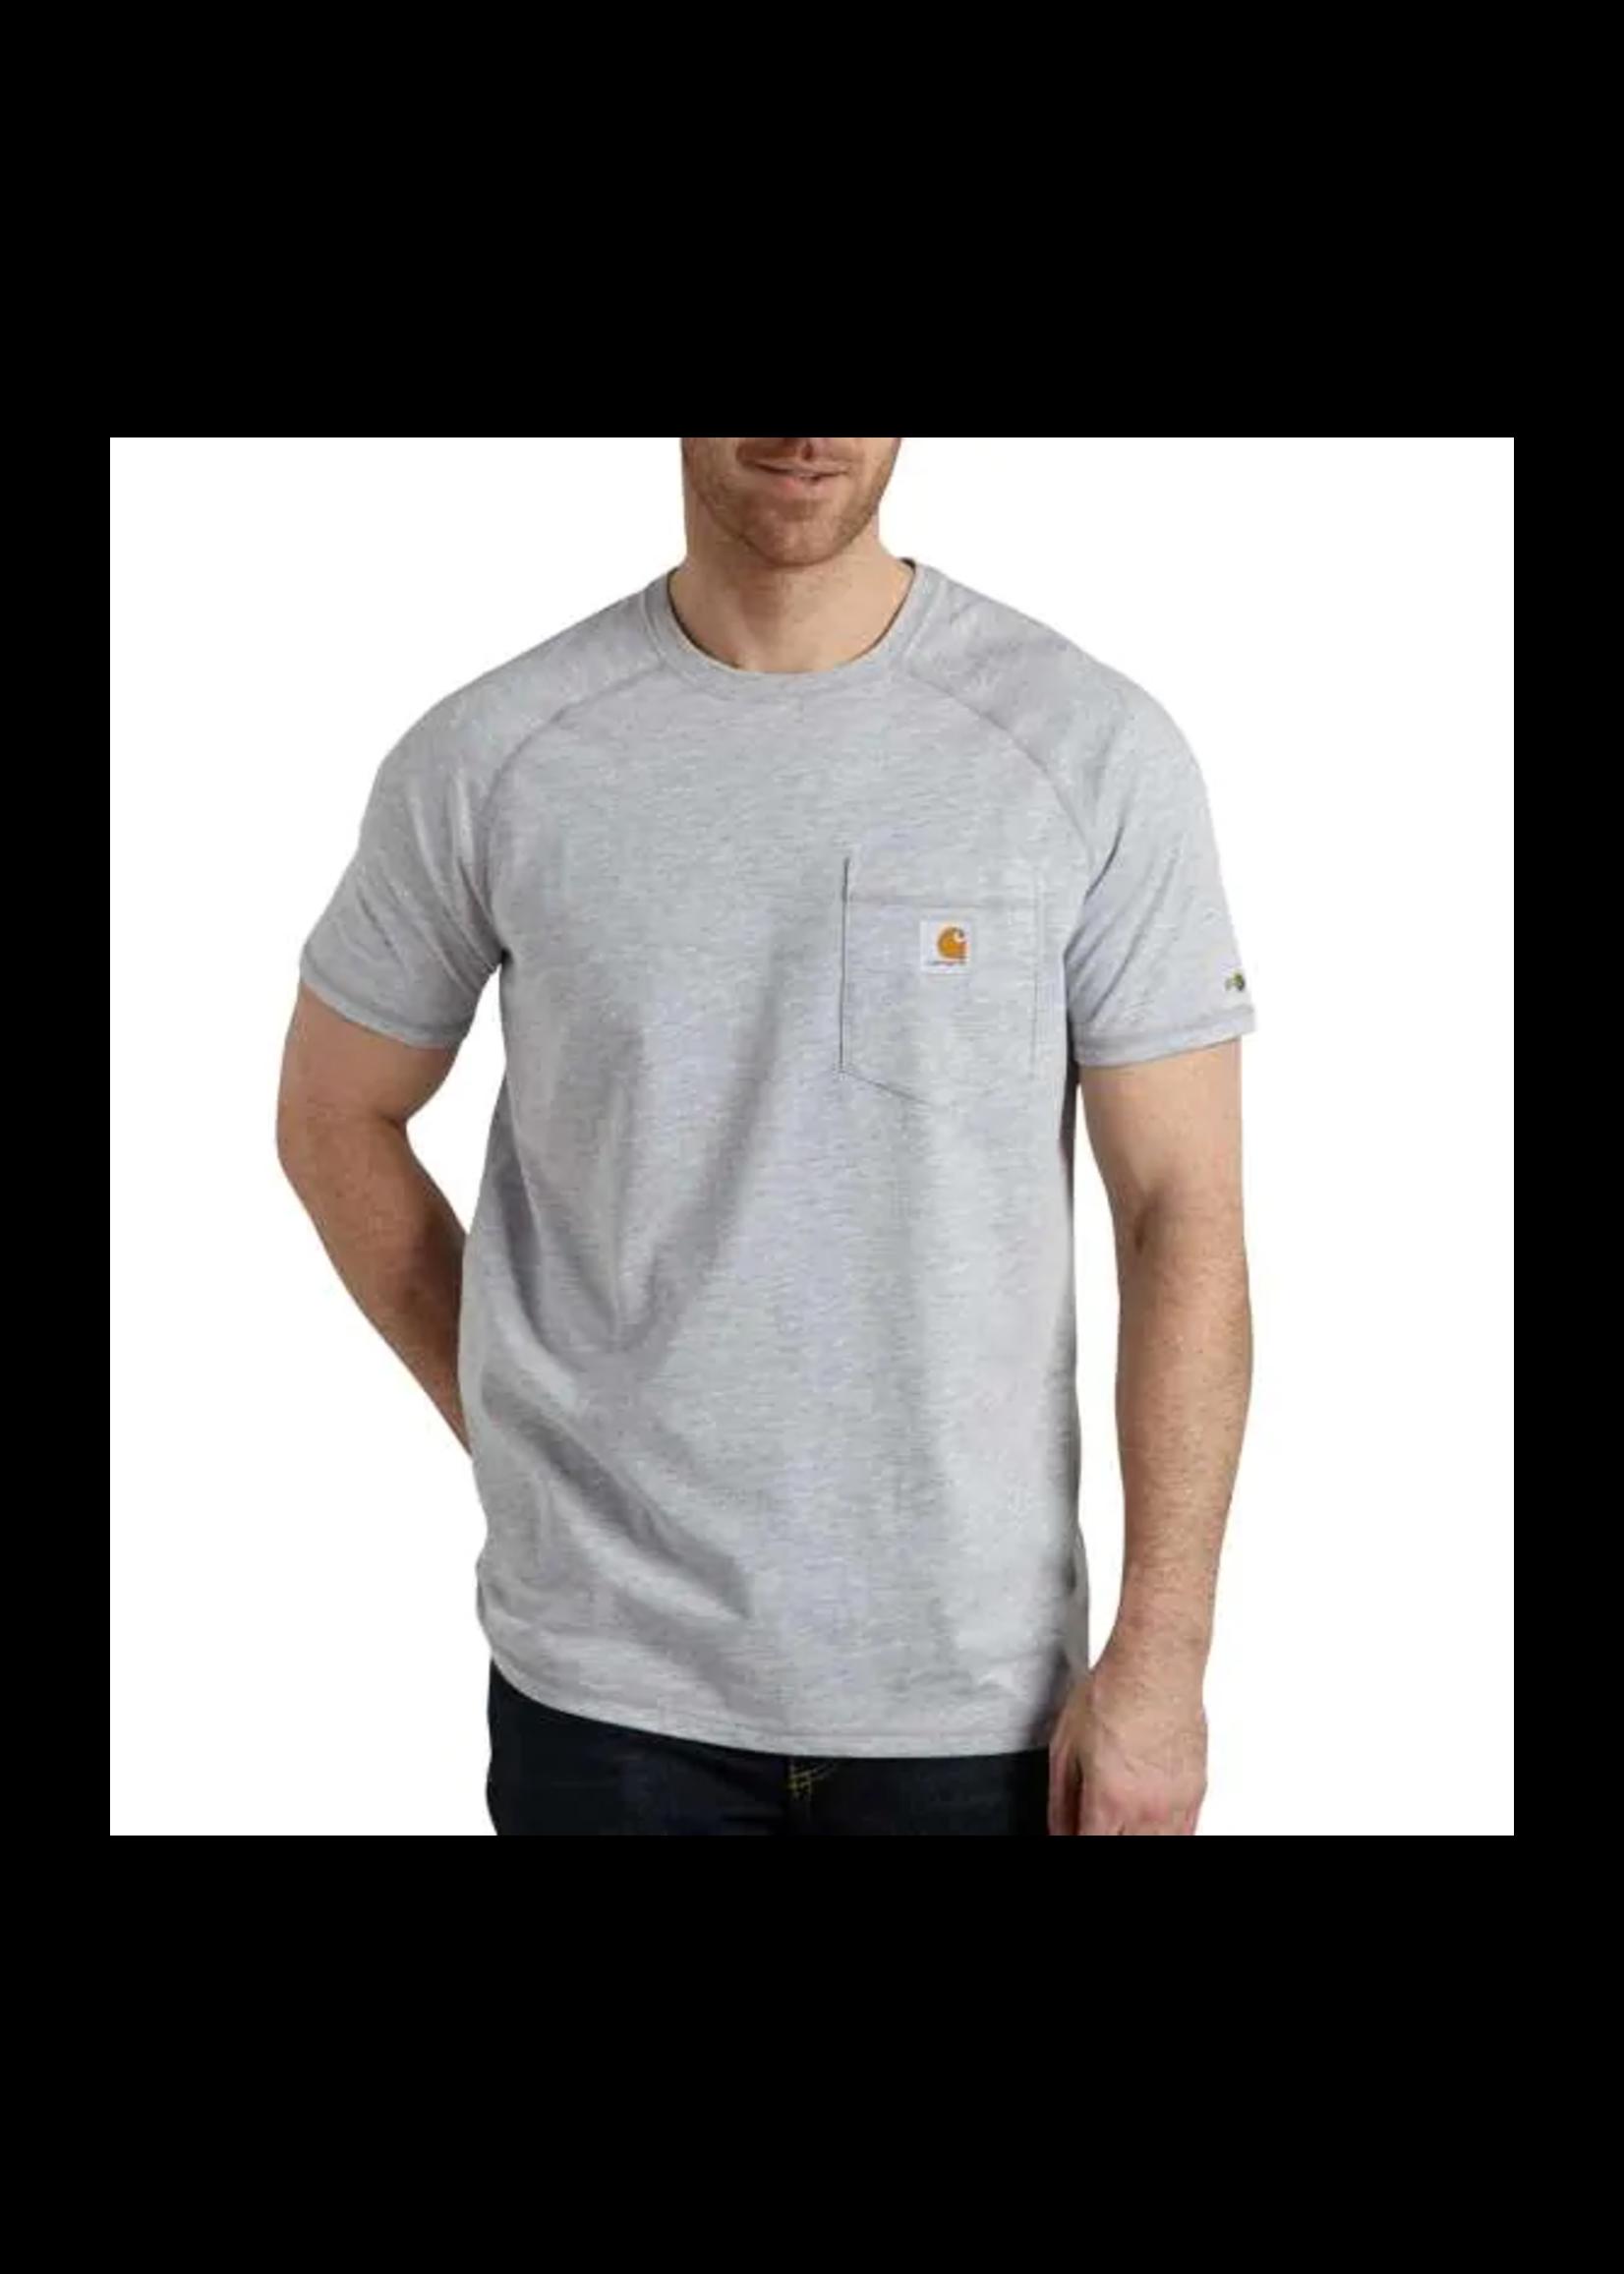 Carhartt Carhartt Force® Cotton Delmont Short-Sleeve T-Shirt -BIG